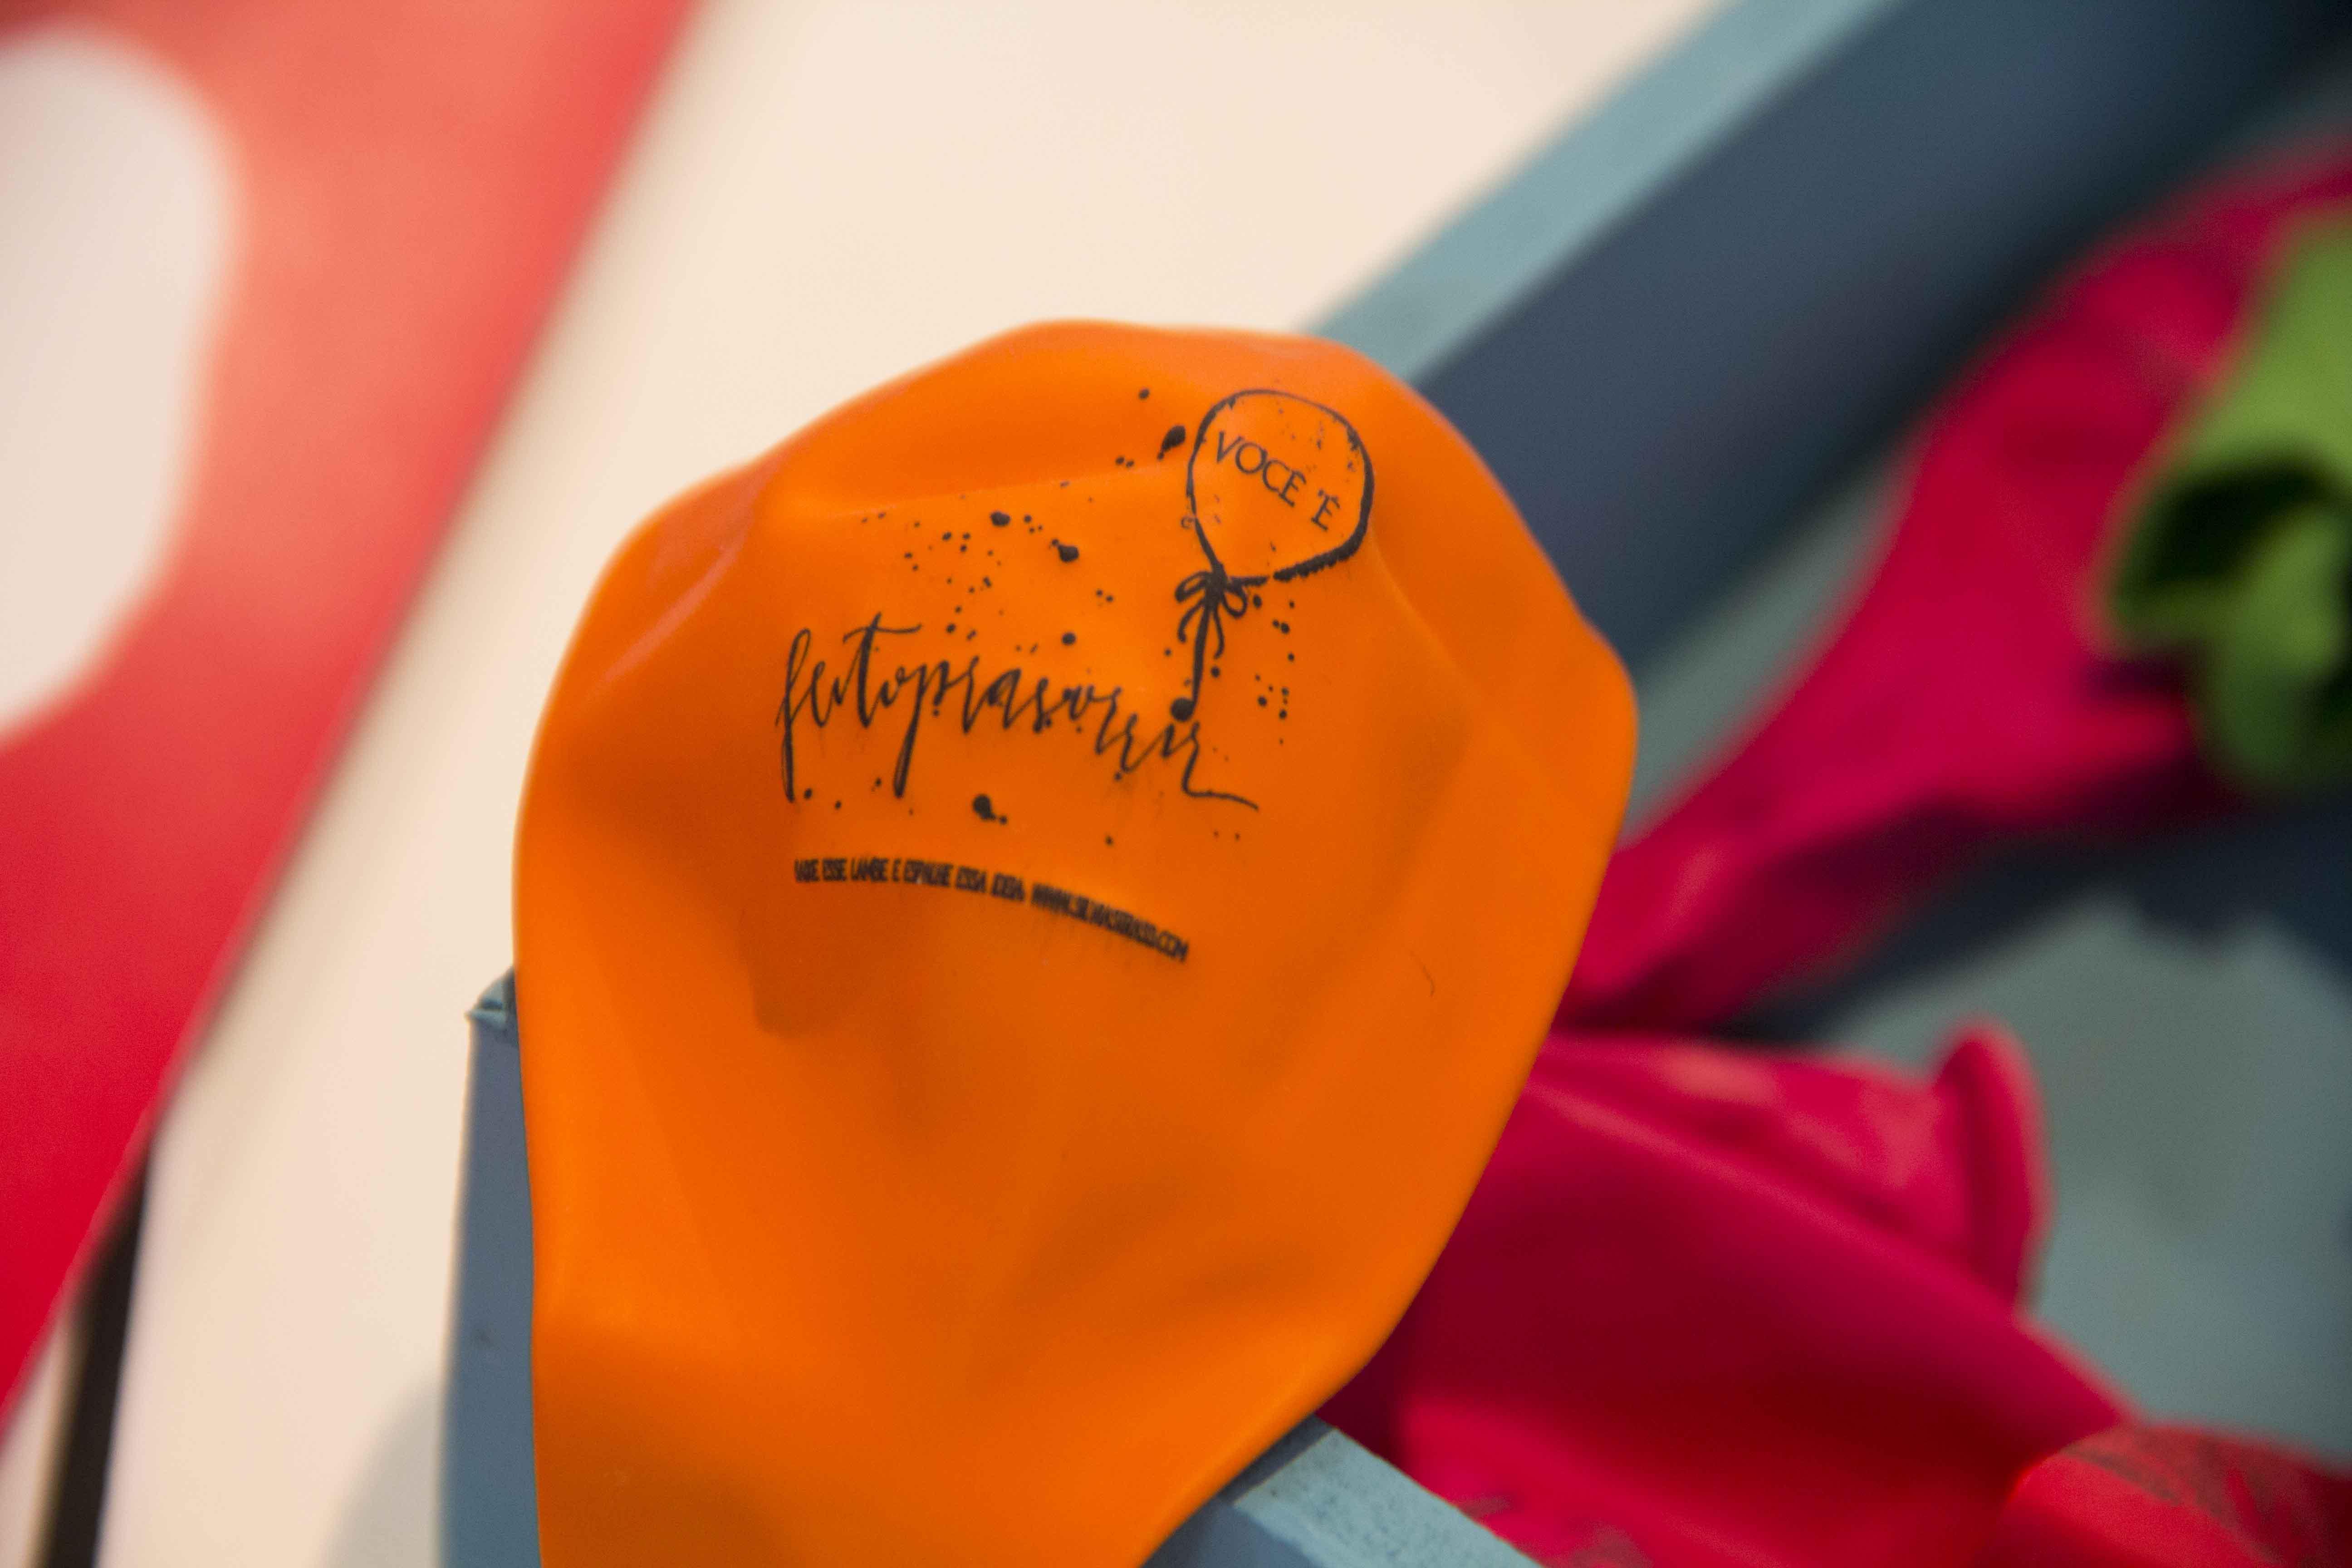 Balão desenvolvido por Silvia Strass carrega mensagem especial: feito pra sorrir